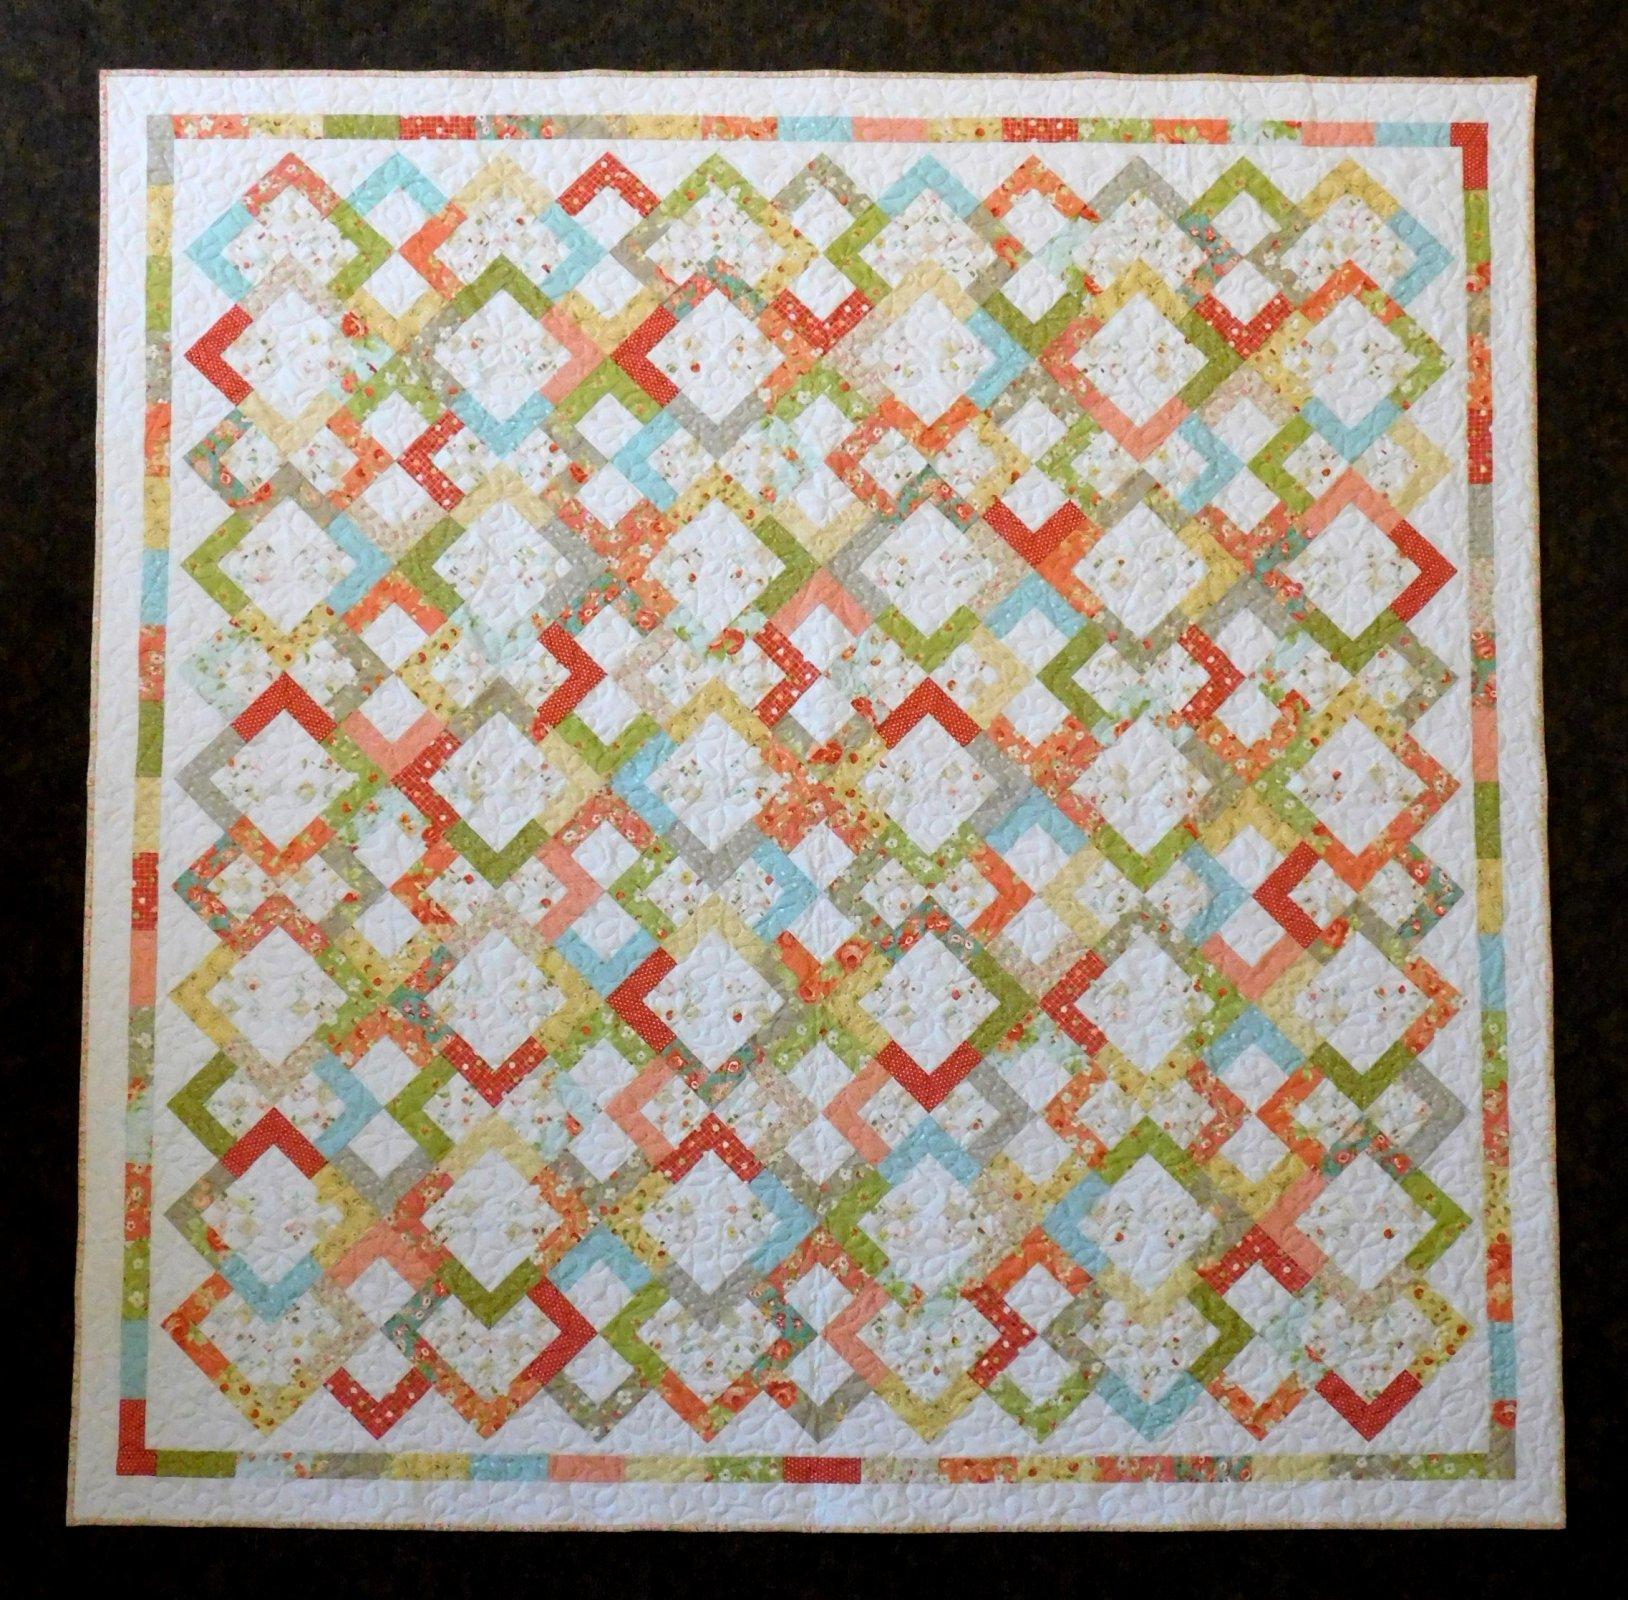 Corner Candy Shop Quilt Kit - 85 x 85